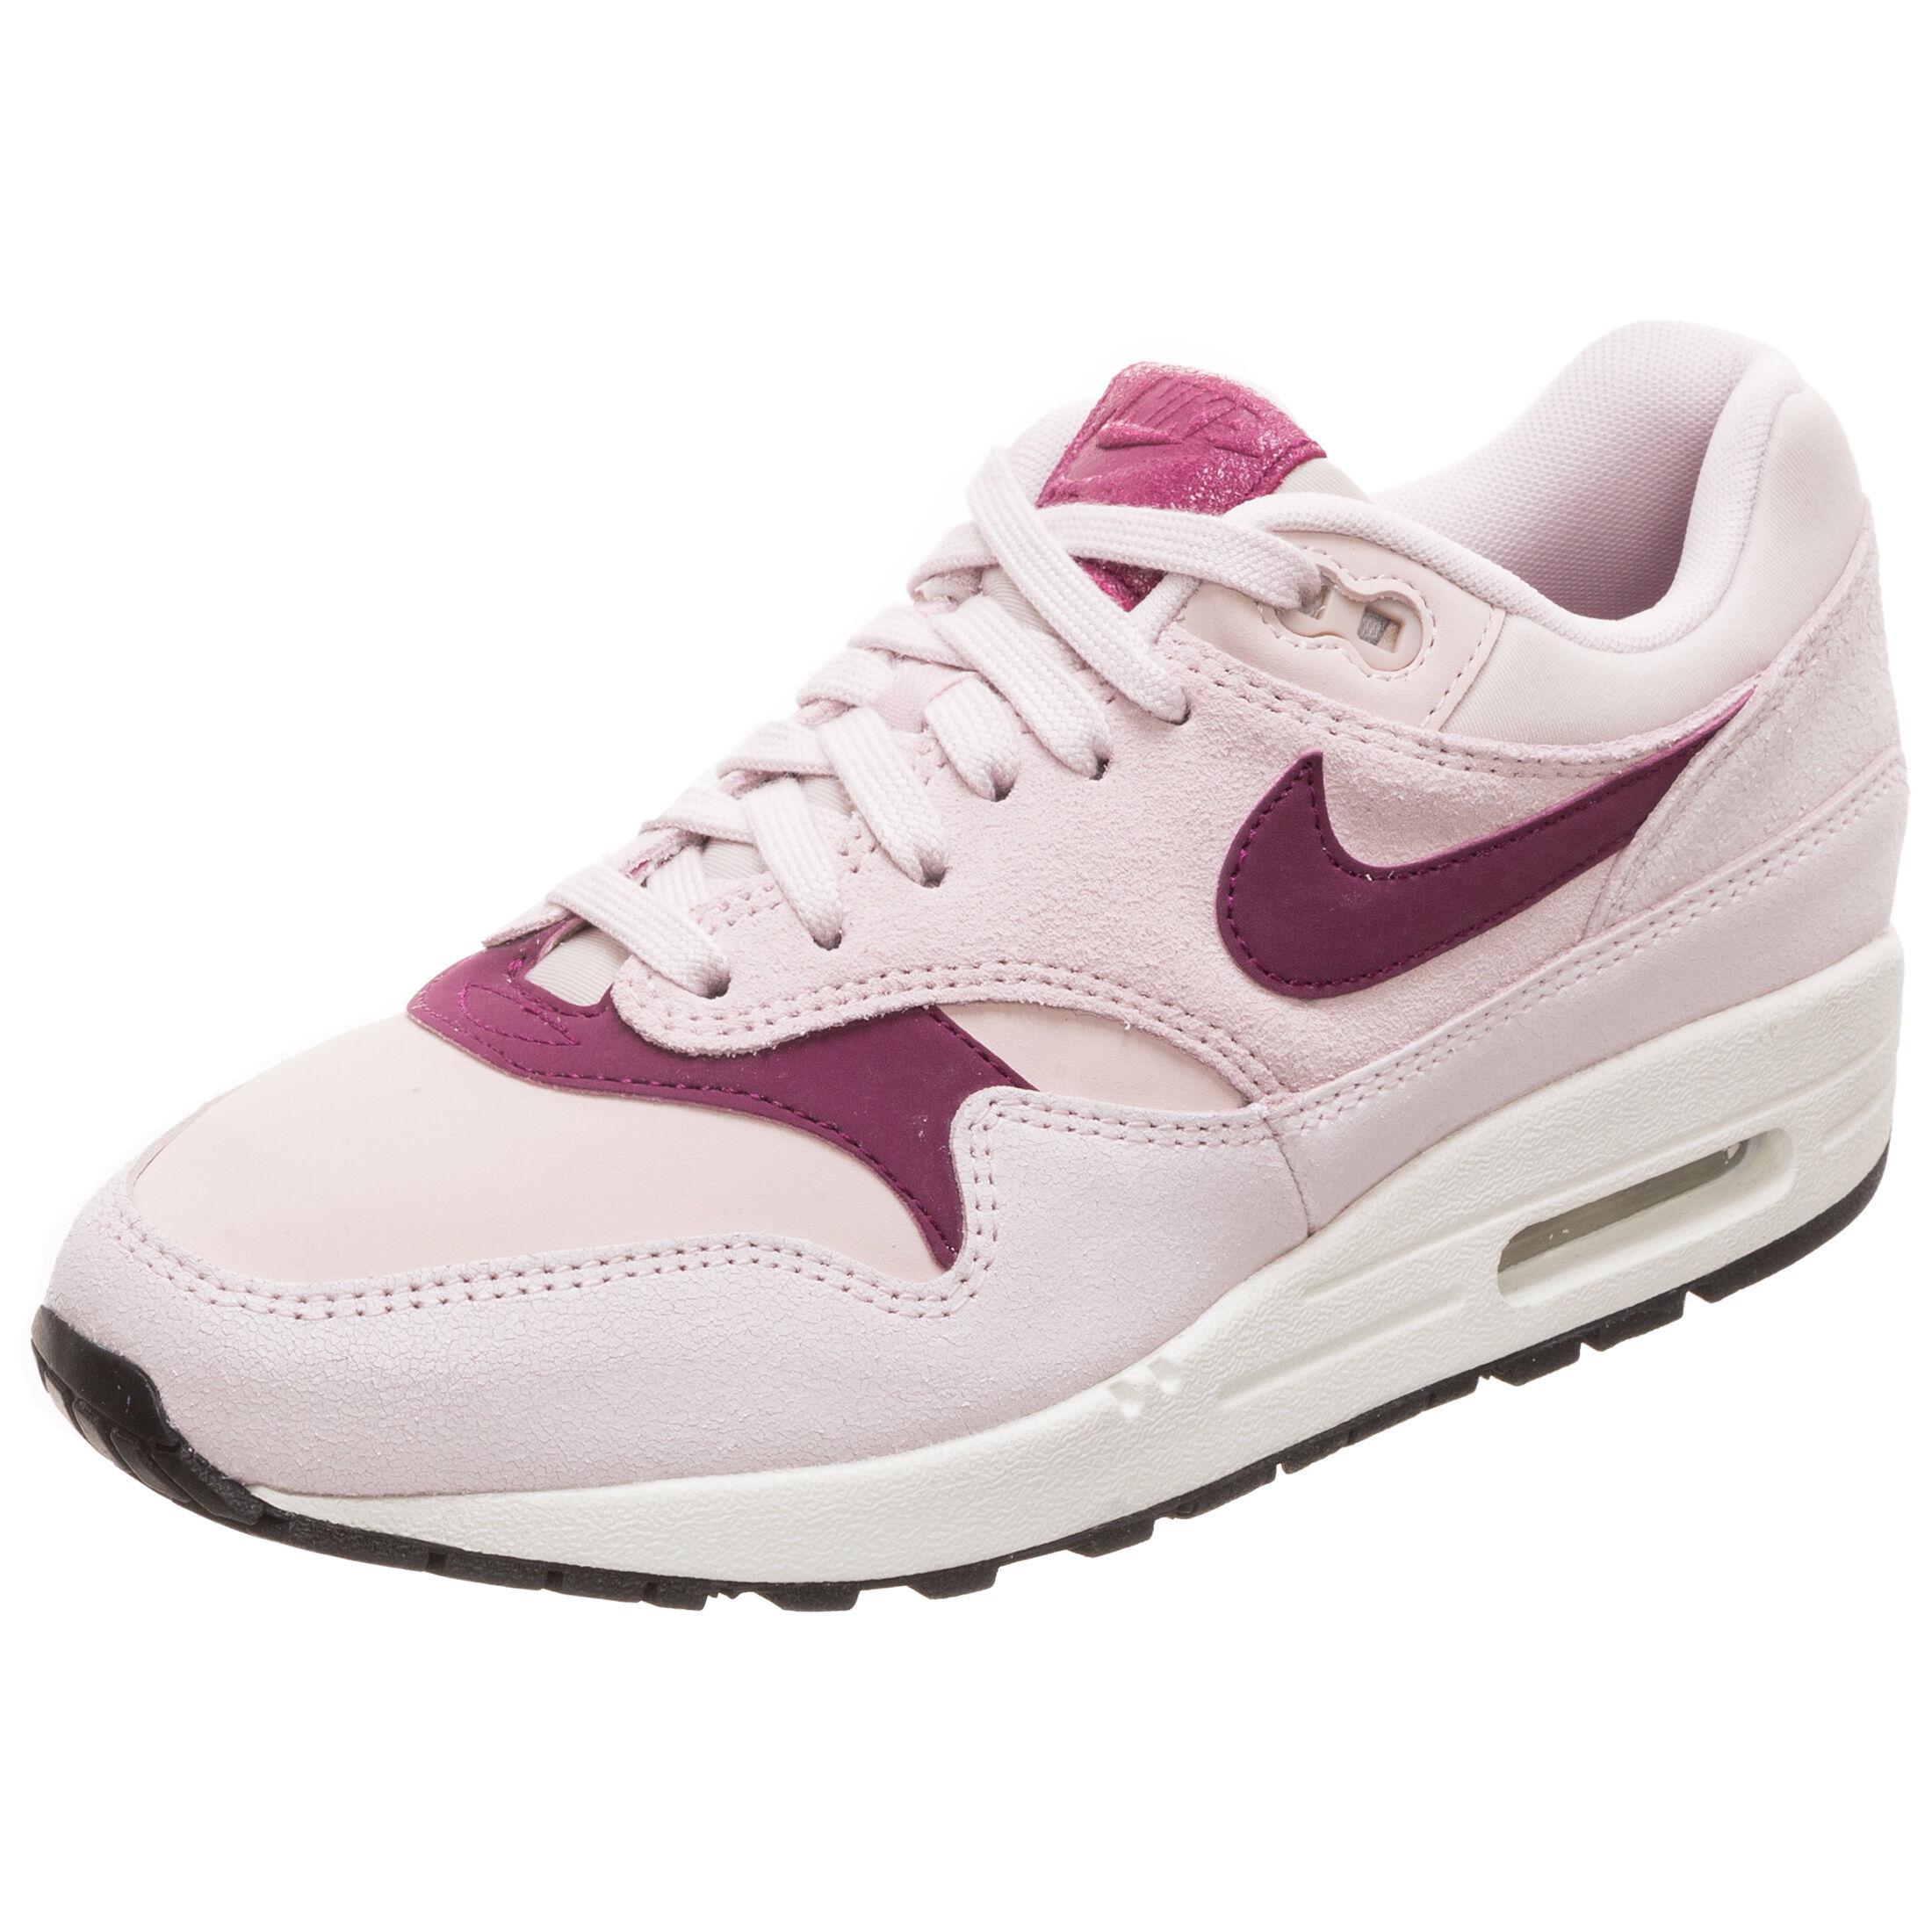 Nike Sportswear AIR MAX 1 Damen Schuhe Sneaker Sneaker